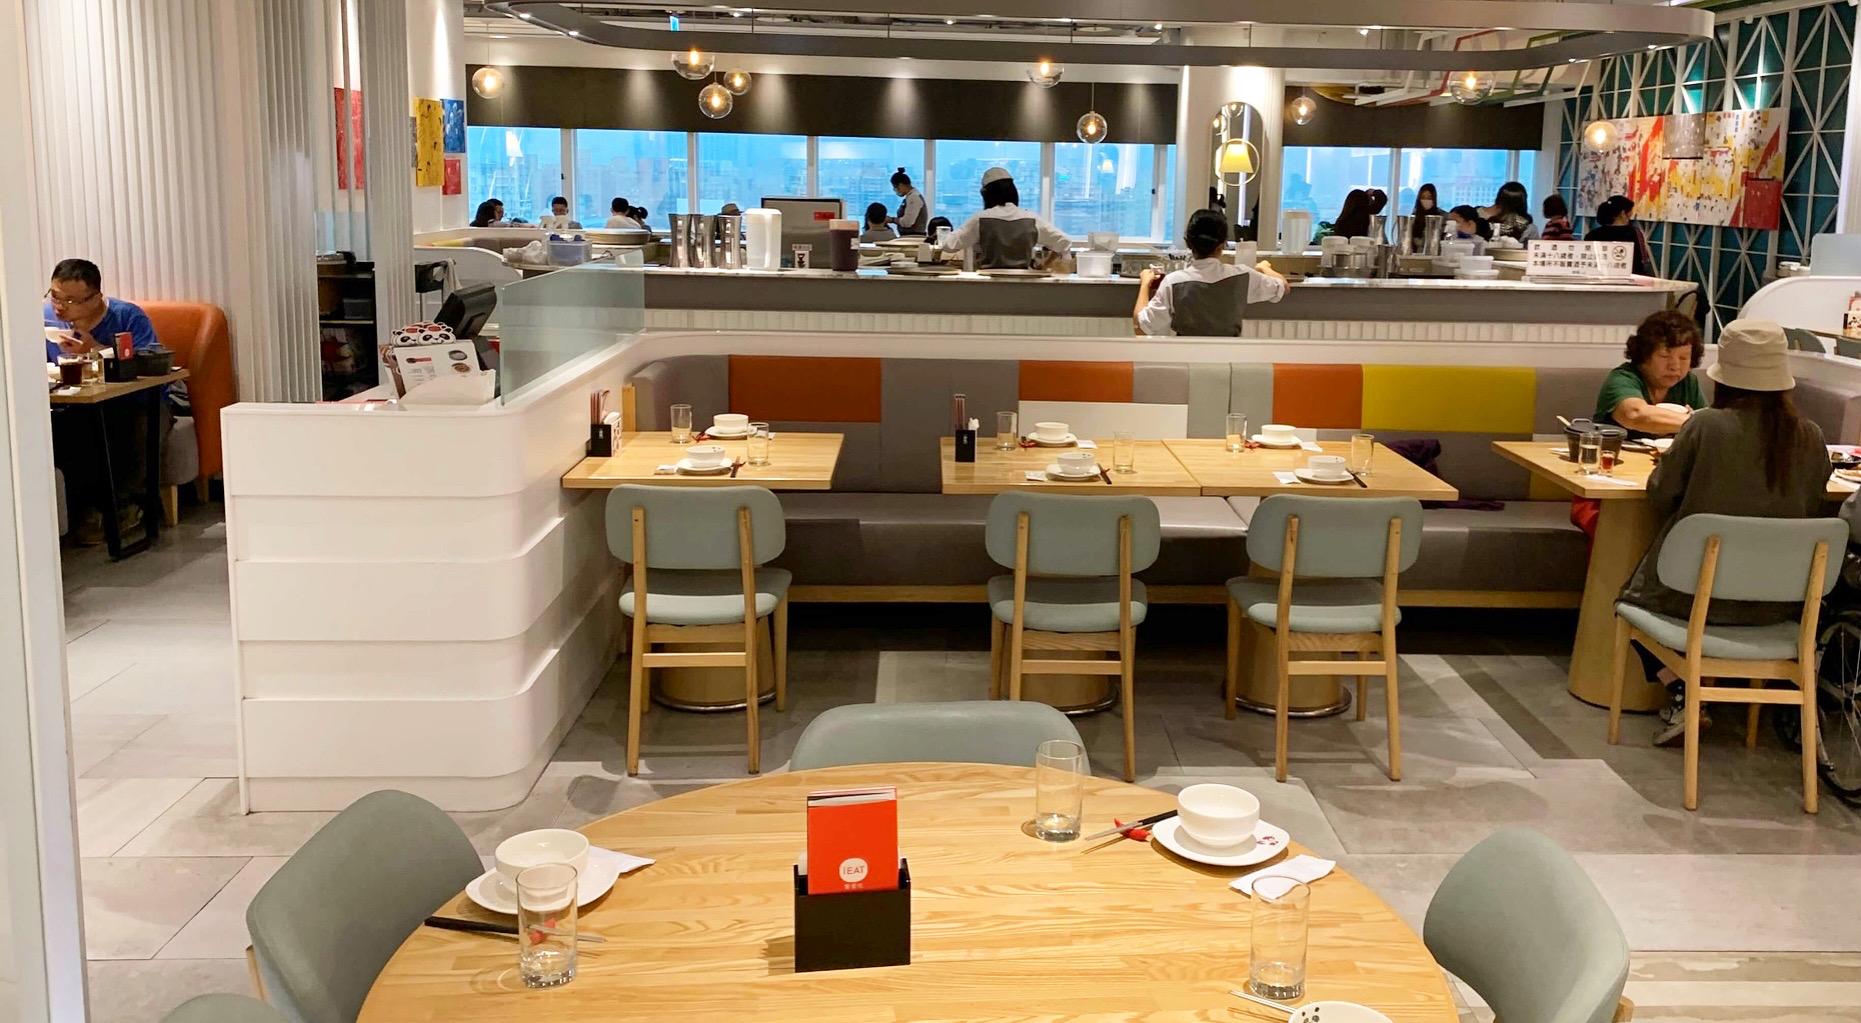 開飯川食堂店內環境